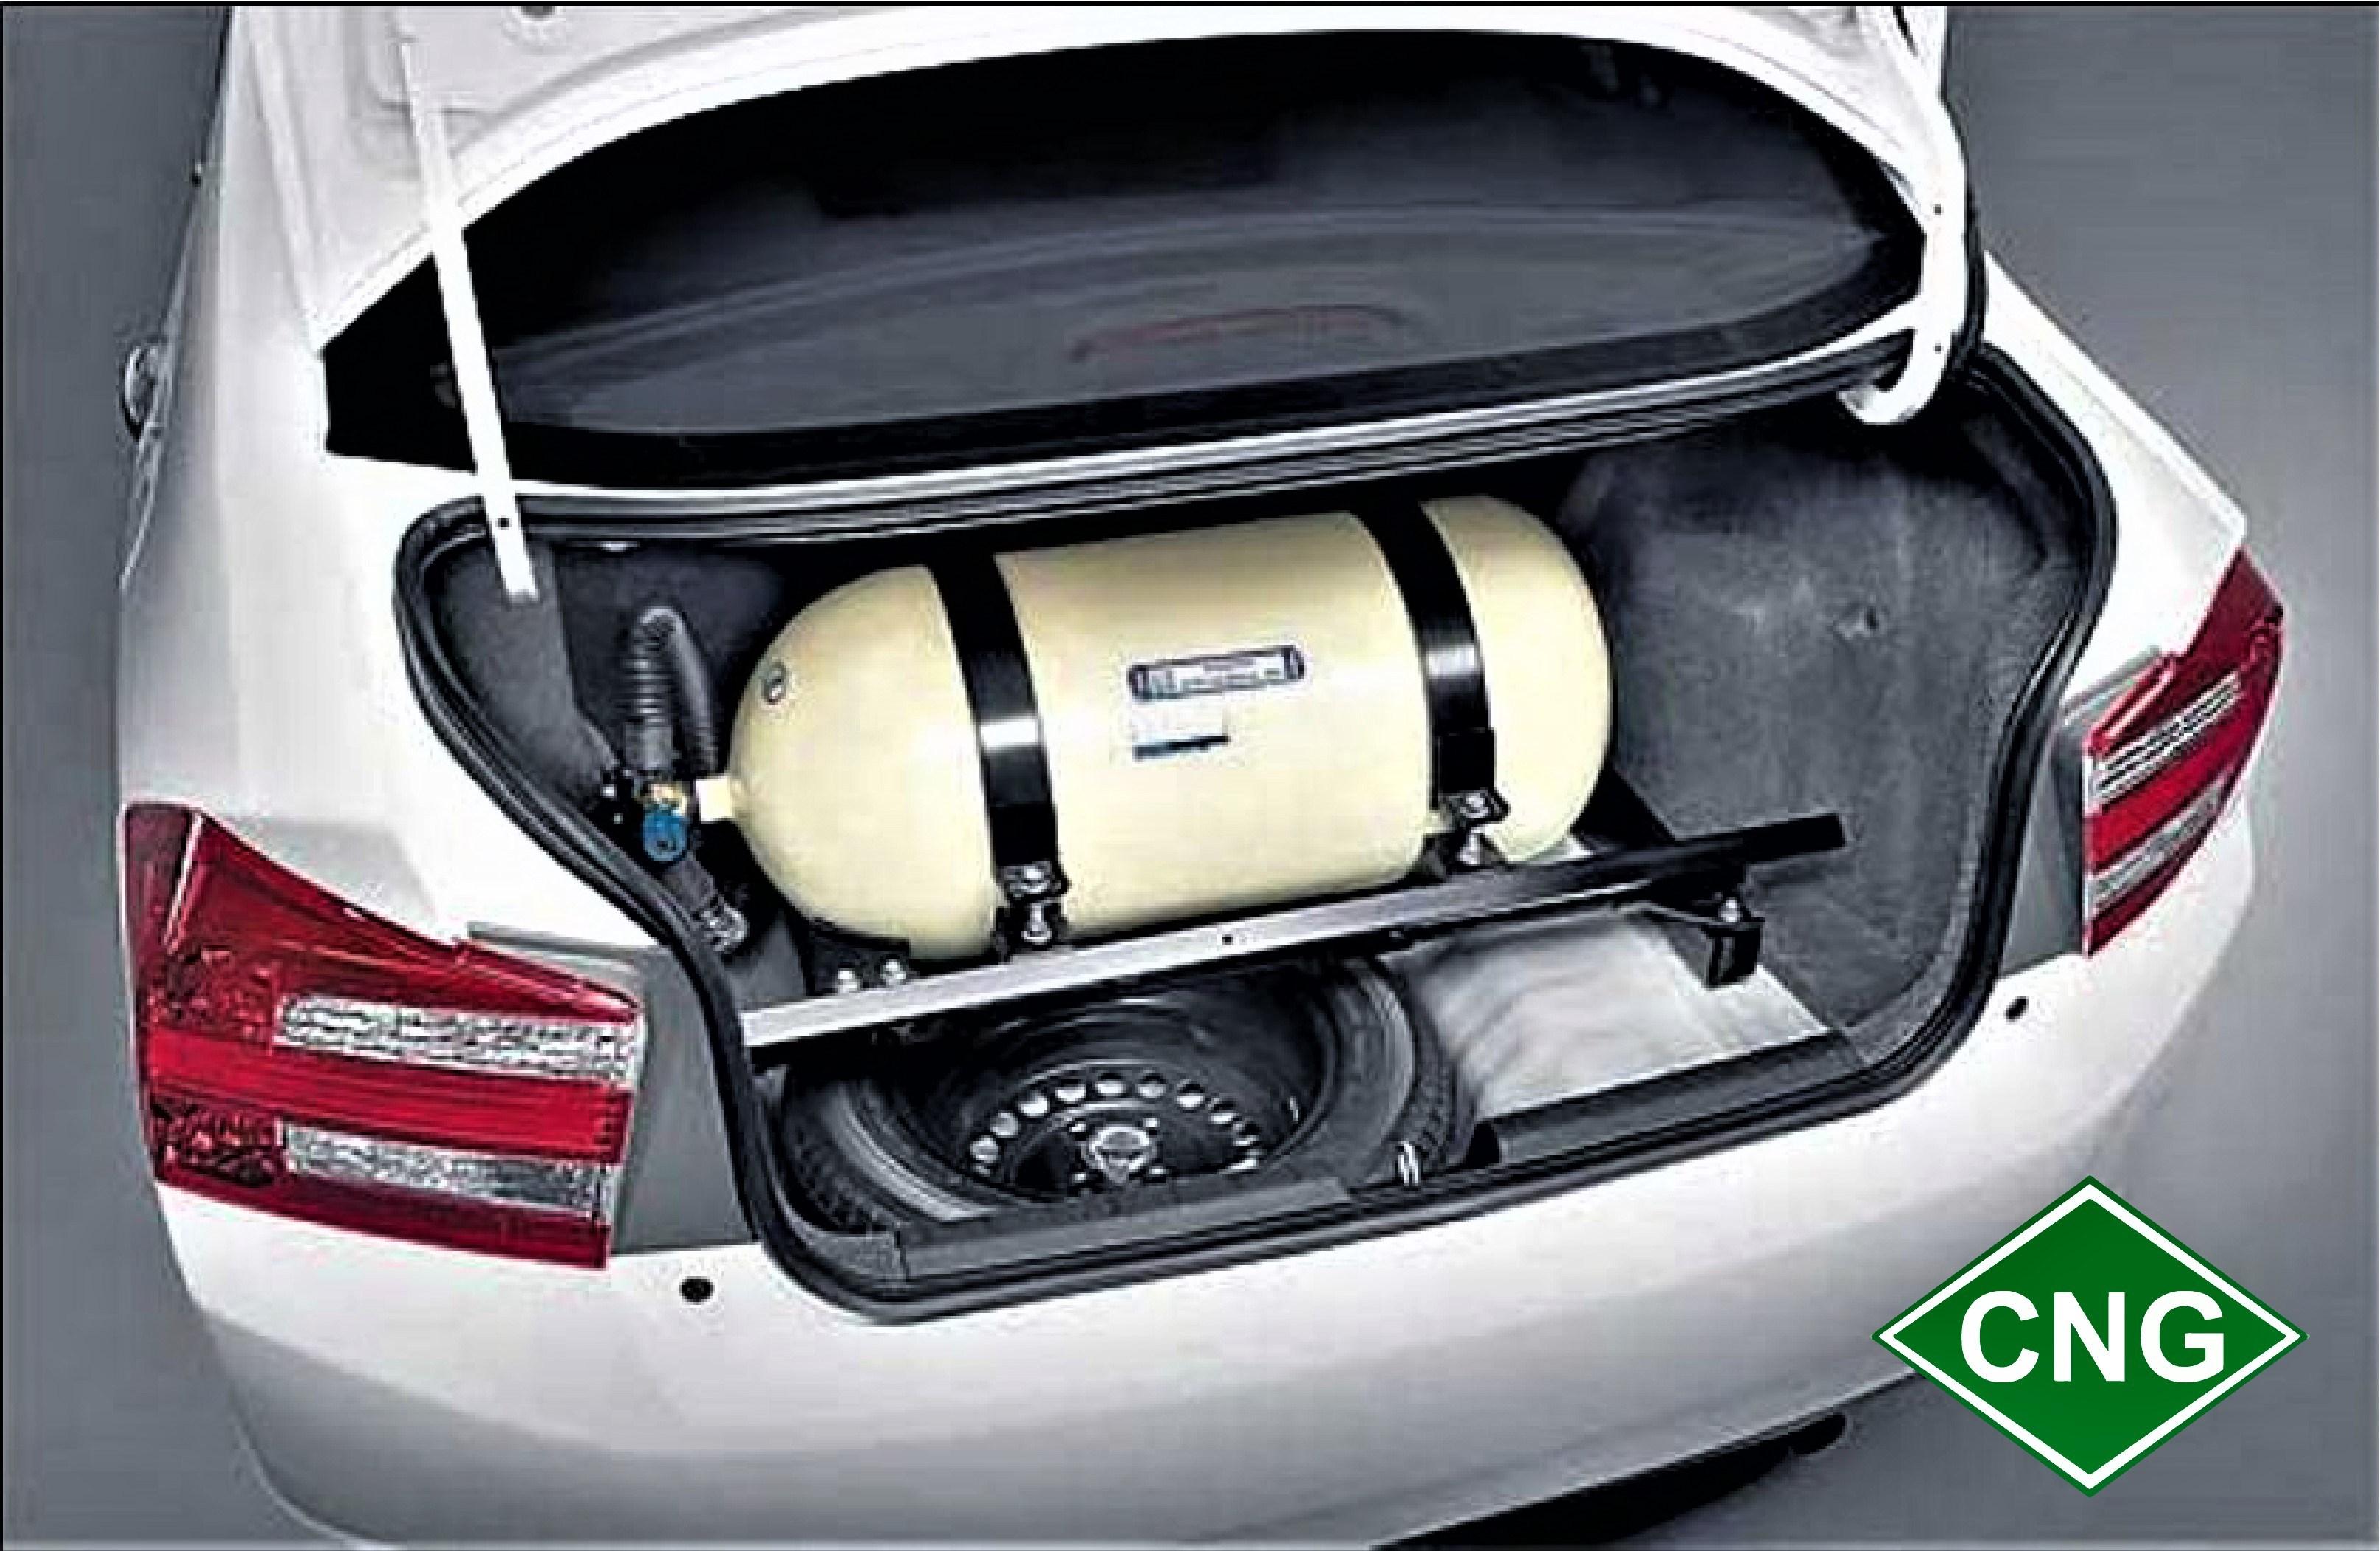 آغاز طرح ملی دوگانه سوز کردن رایگان یک میلیون و 464 هزار دستگاه خودرو